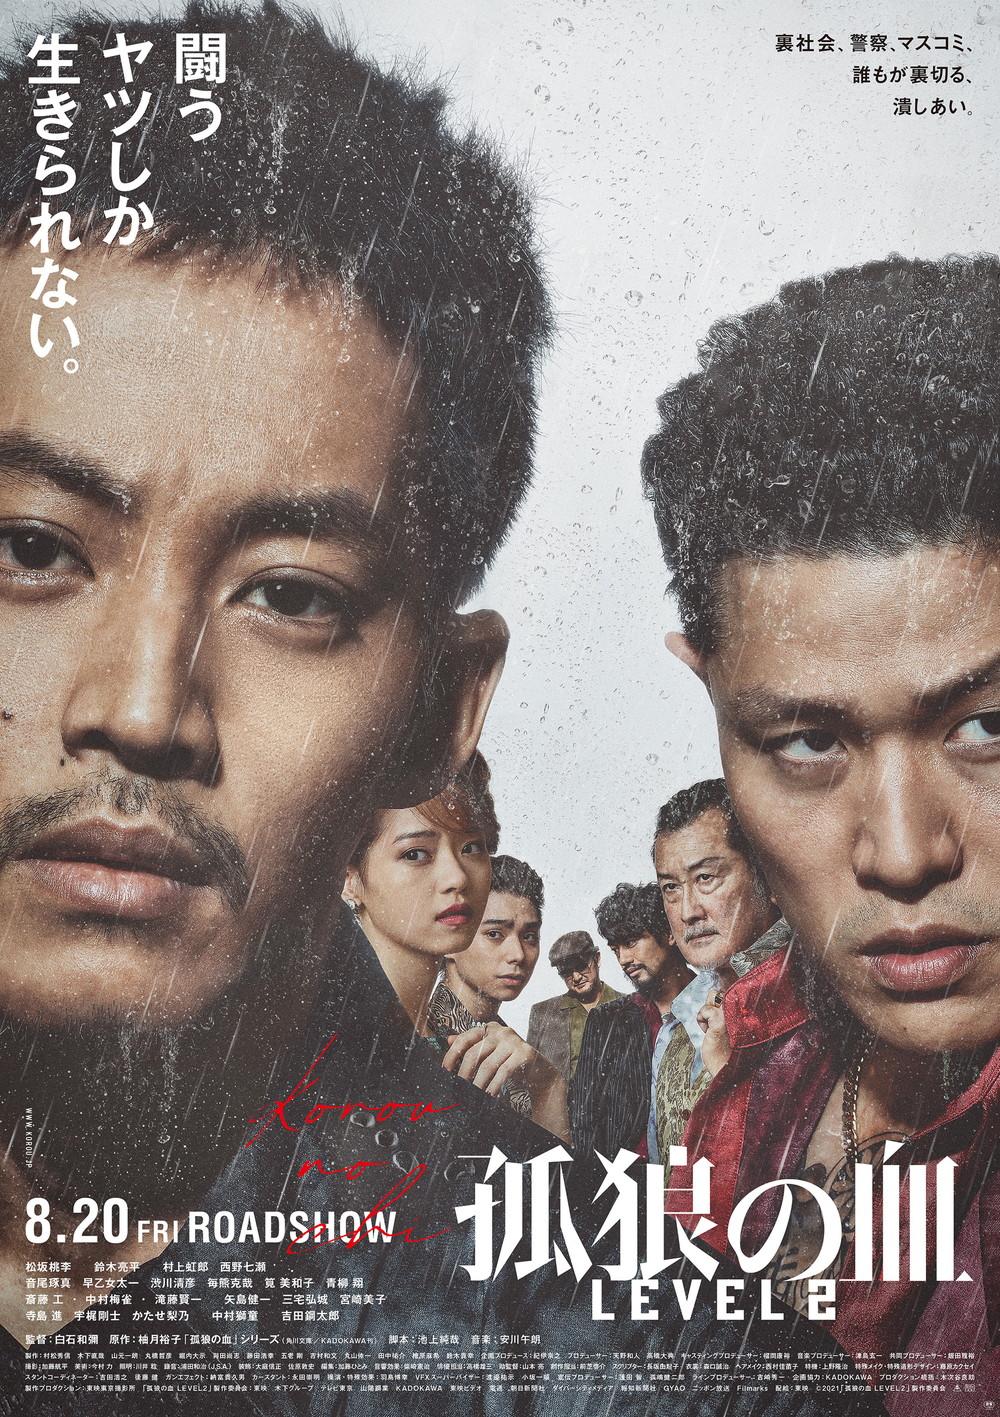 映画『孤狼の血-LEVEL2』ポスタービジュアル【7人対峙Ver】